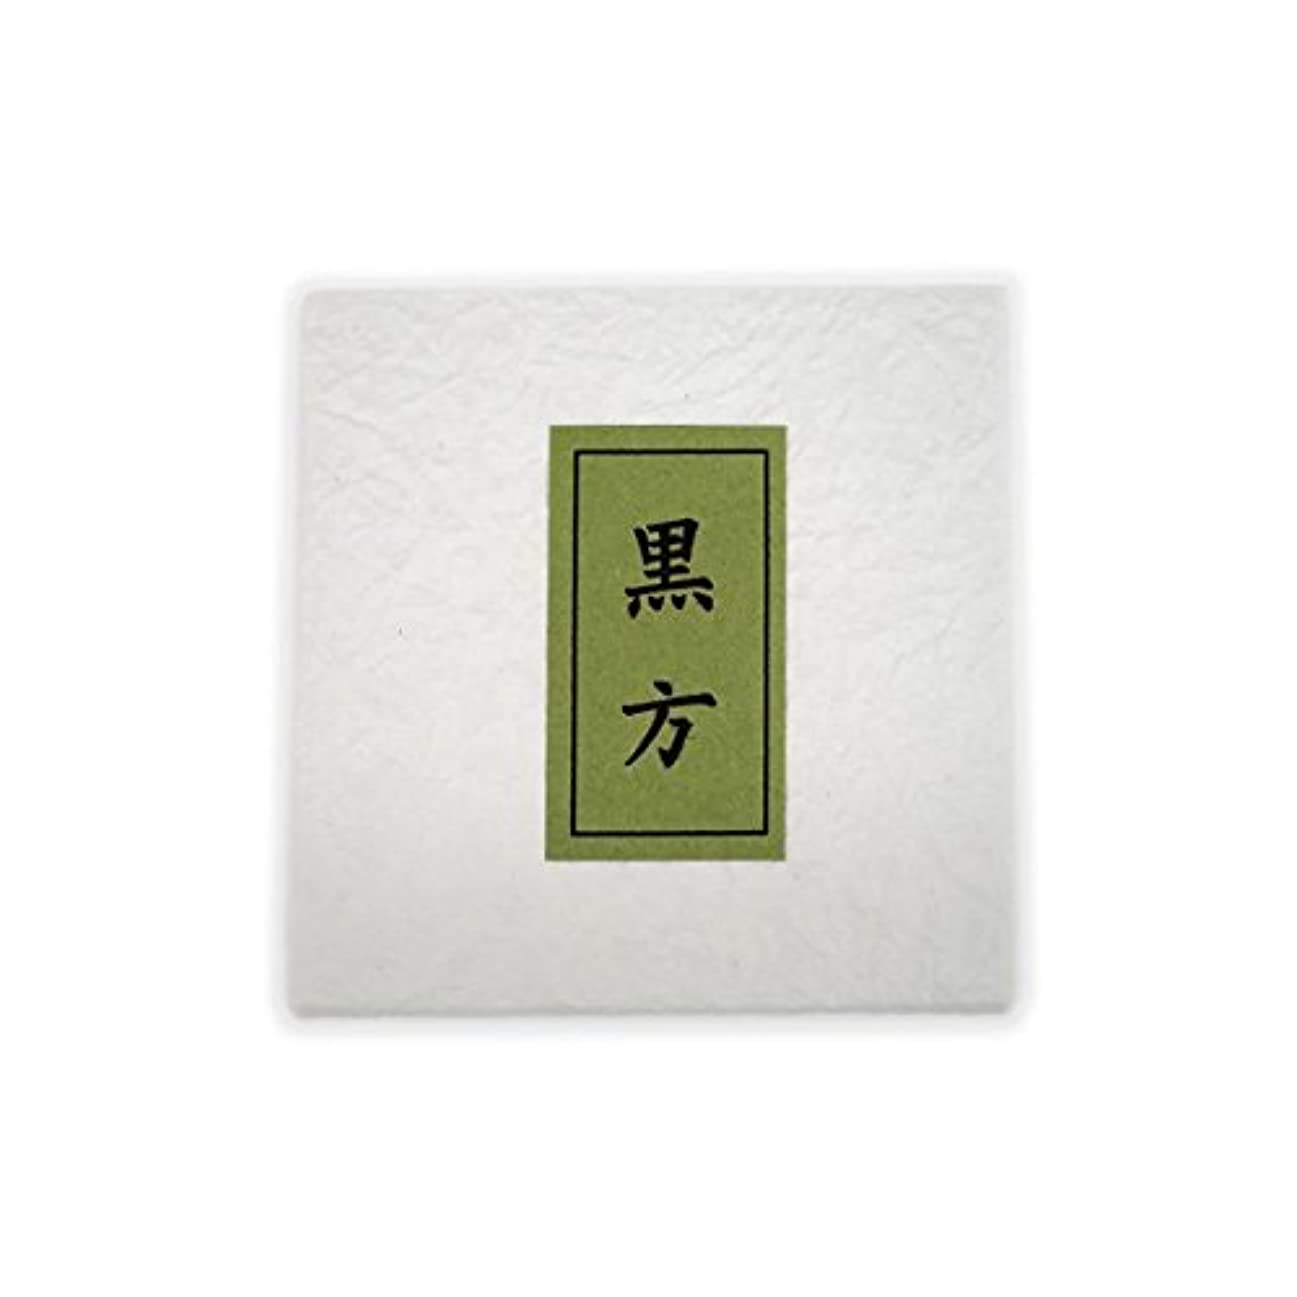 干渉姉妹ラック黒方 紙箱入(壷入)